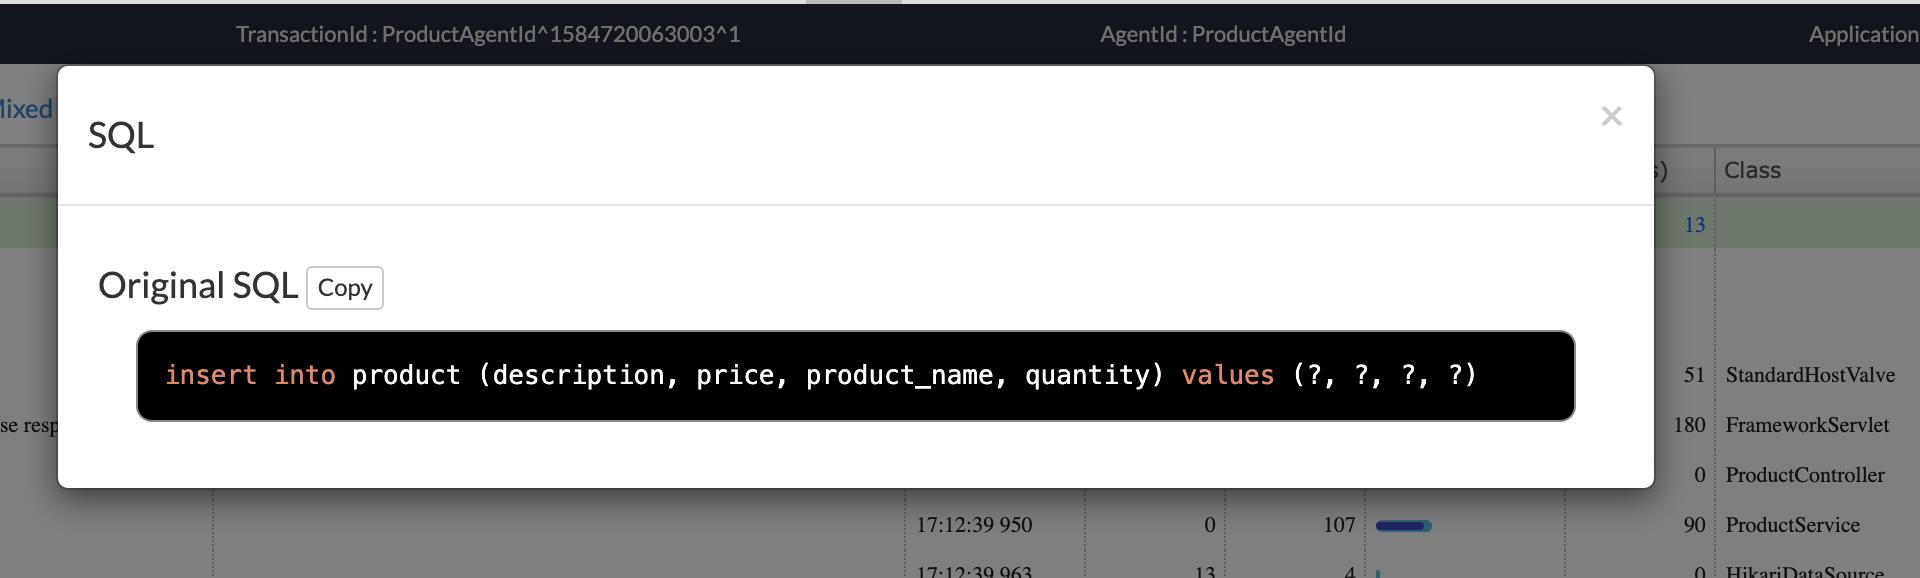 imagen donde se describe la sentencia SQL introducida a la base de datos